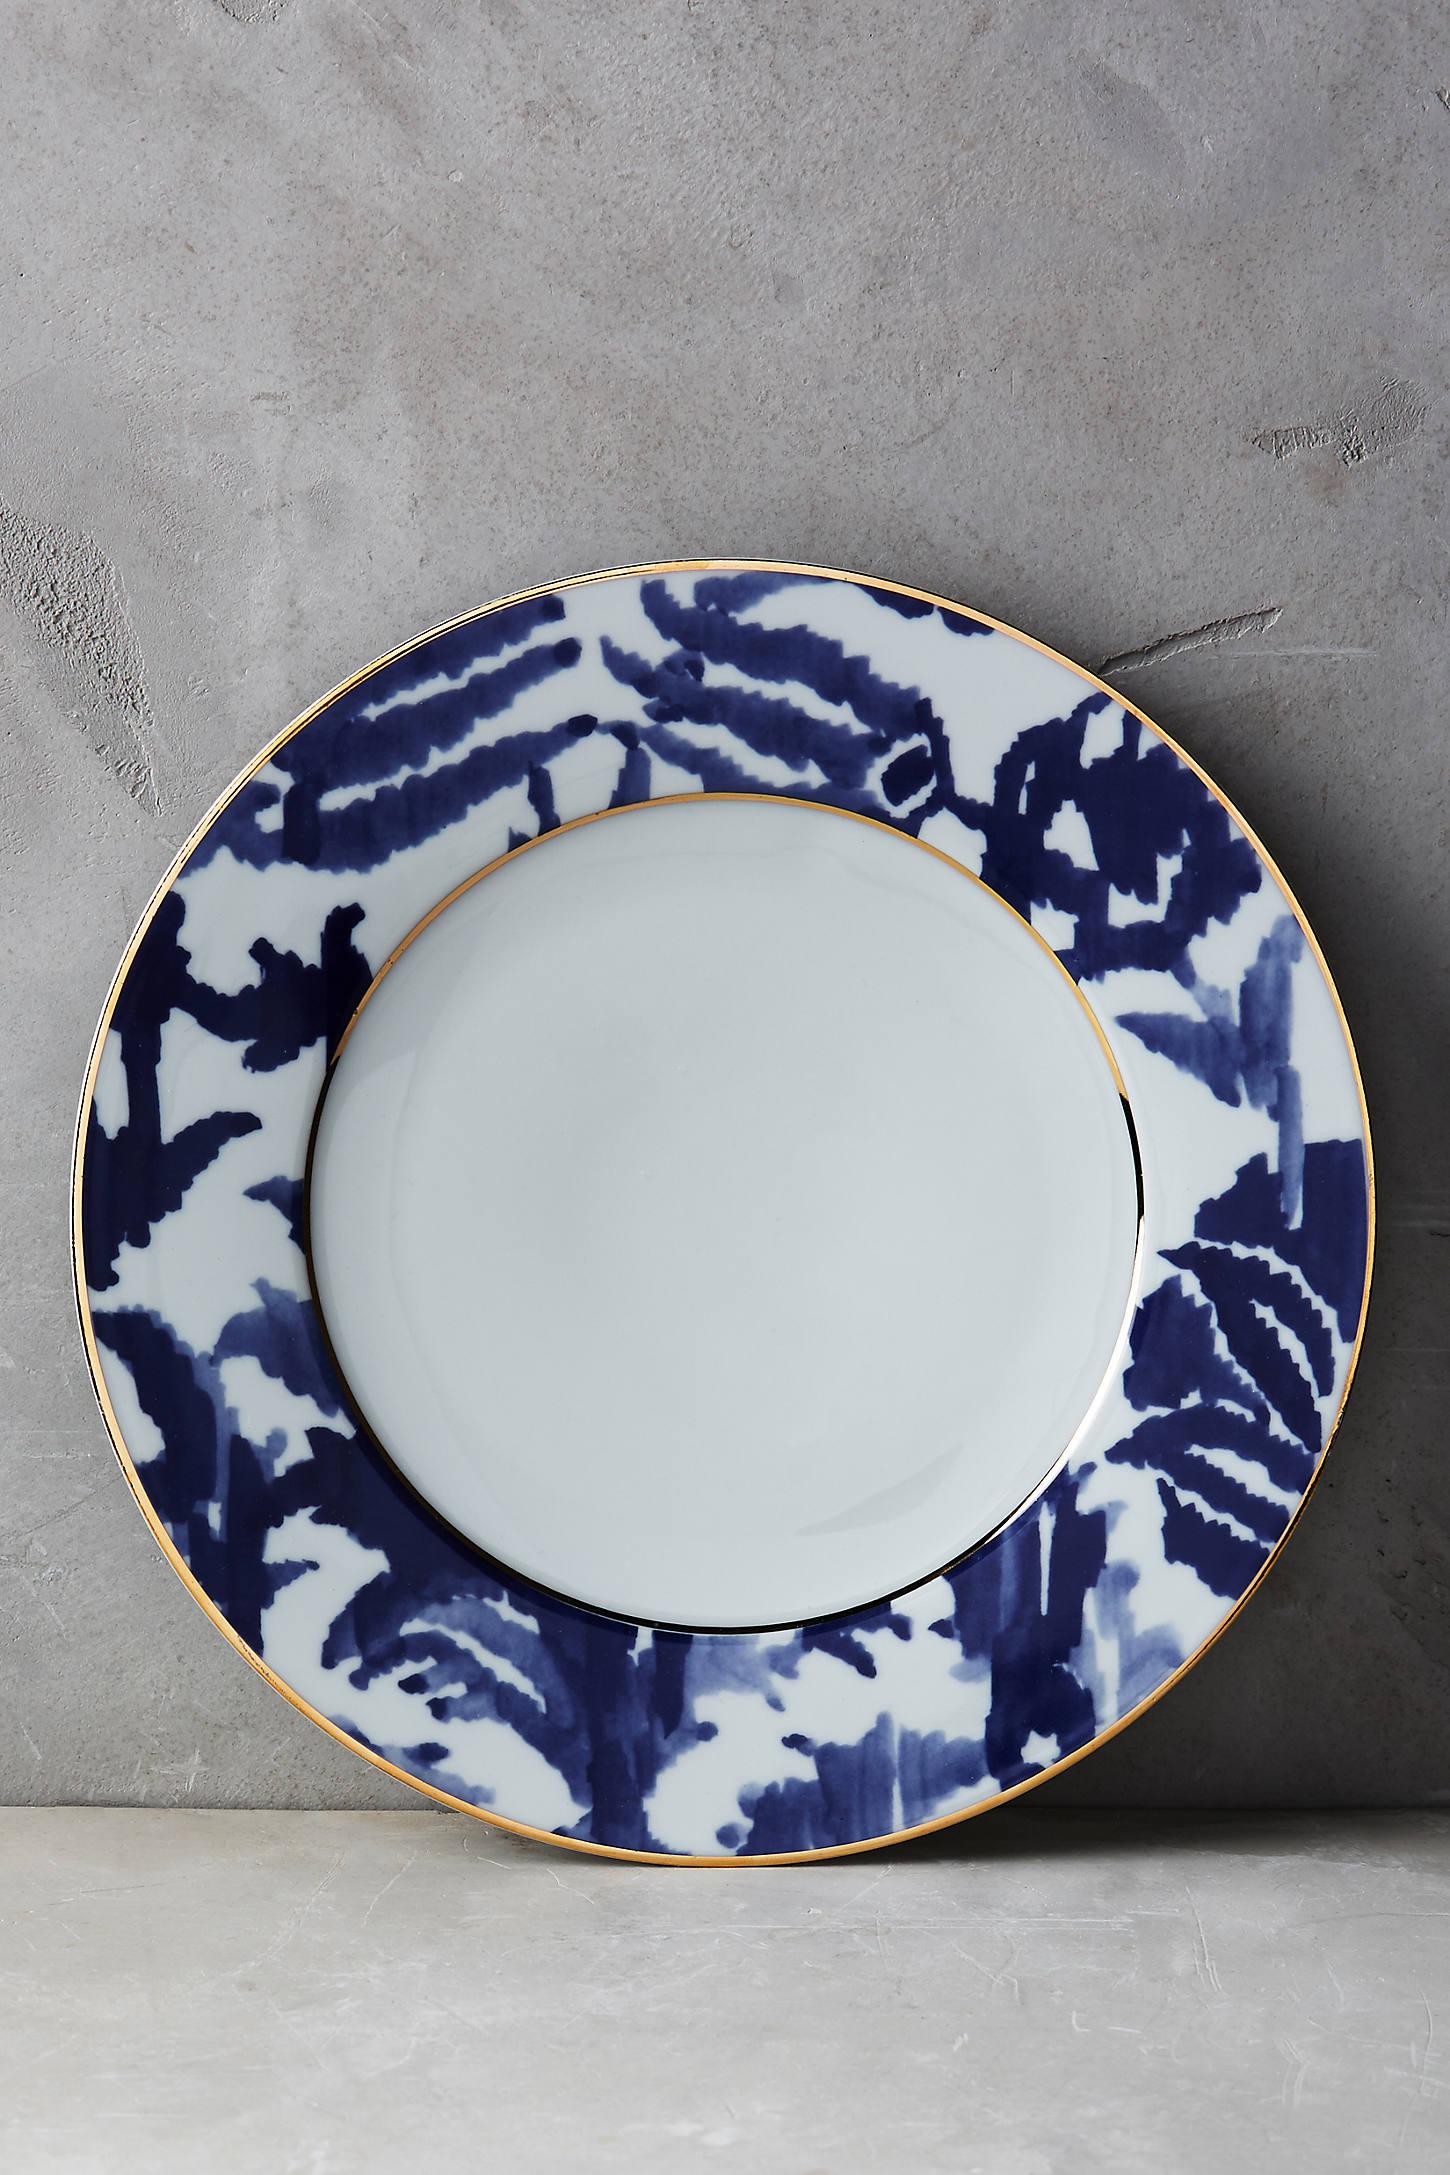 Seaport Dinner Plate